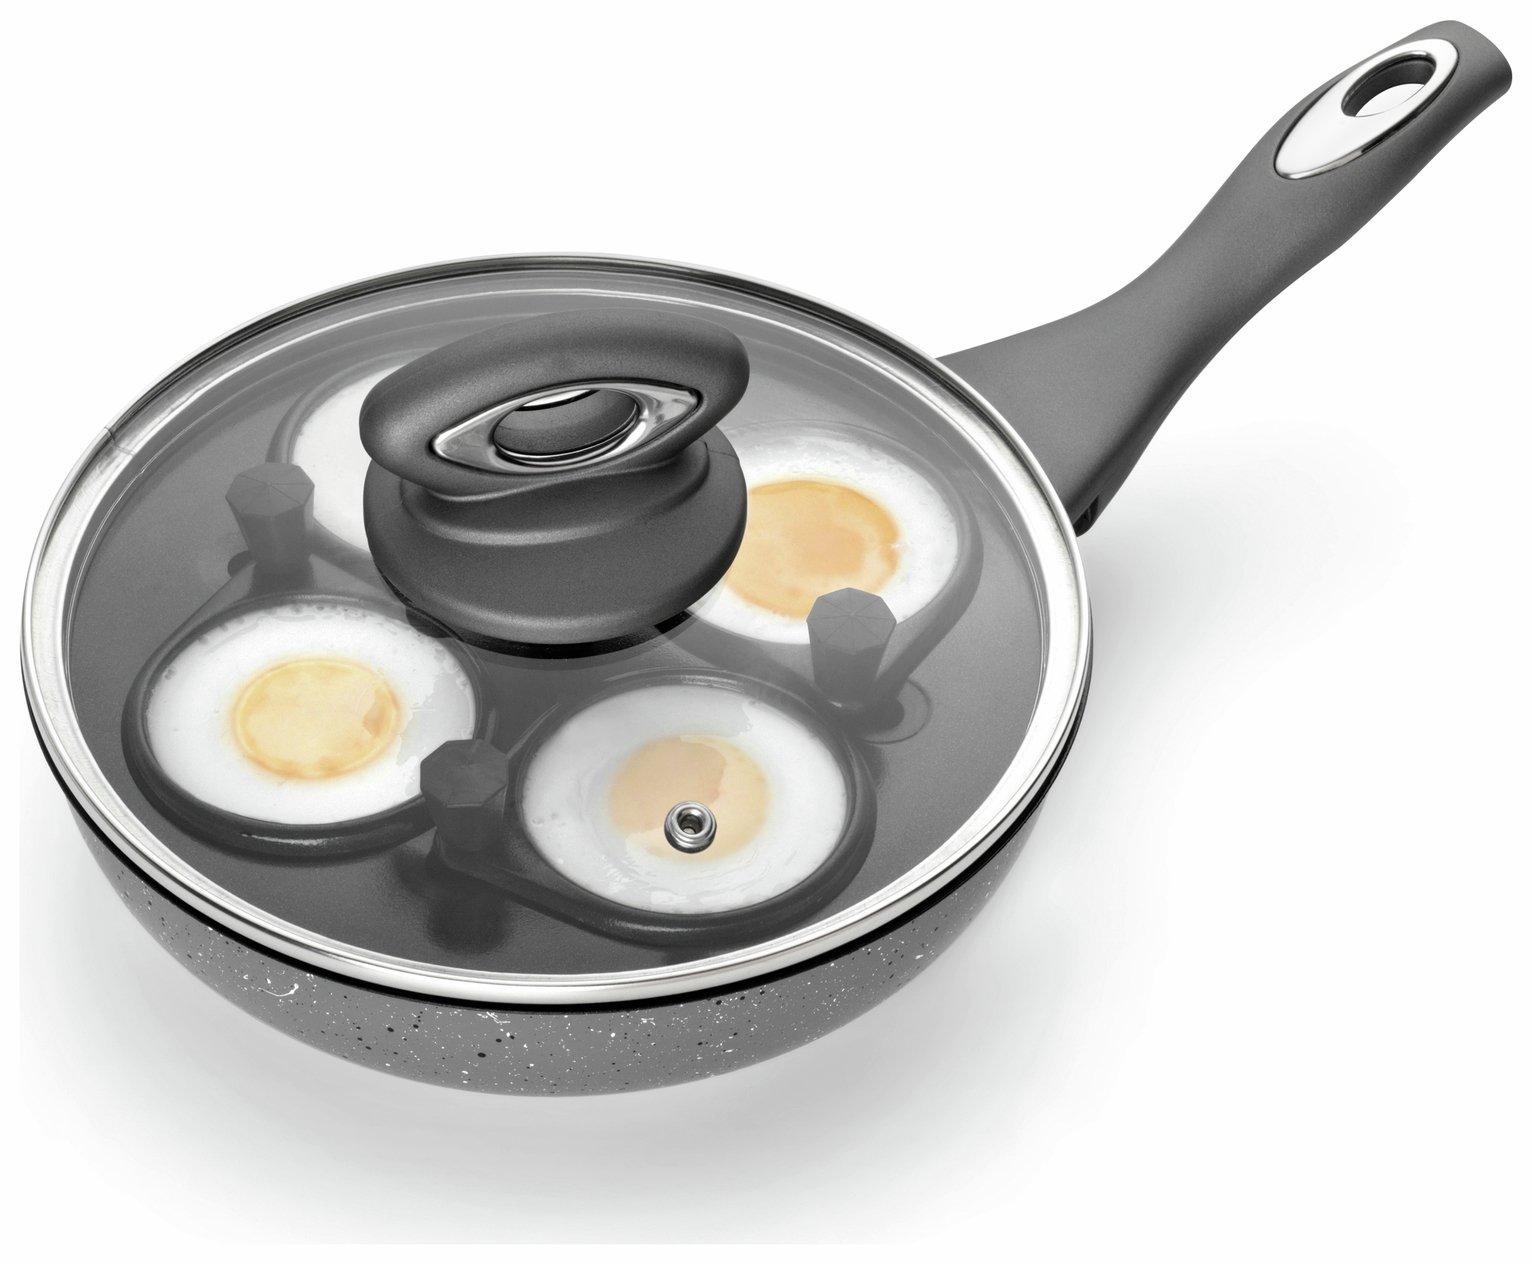 Salter Multi Egg Pan